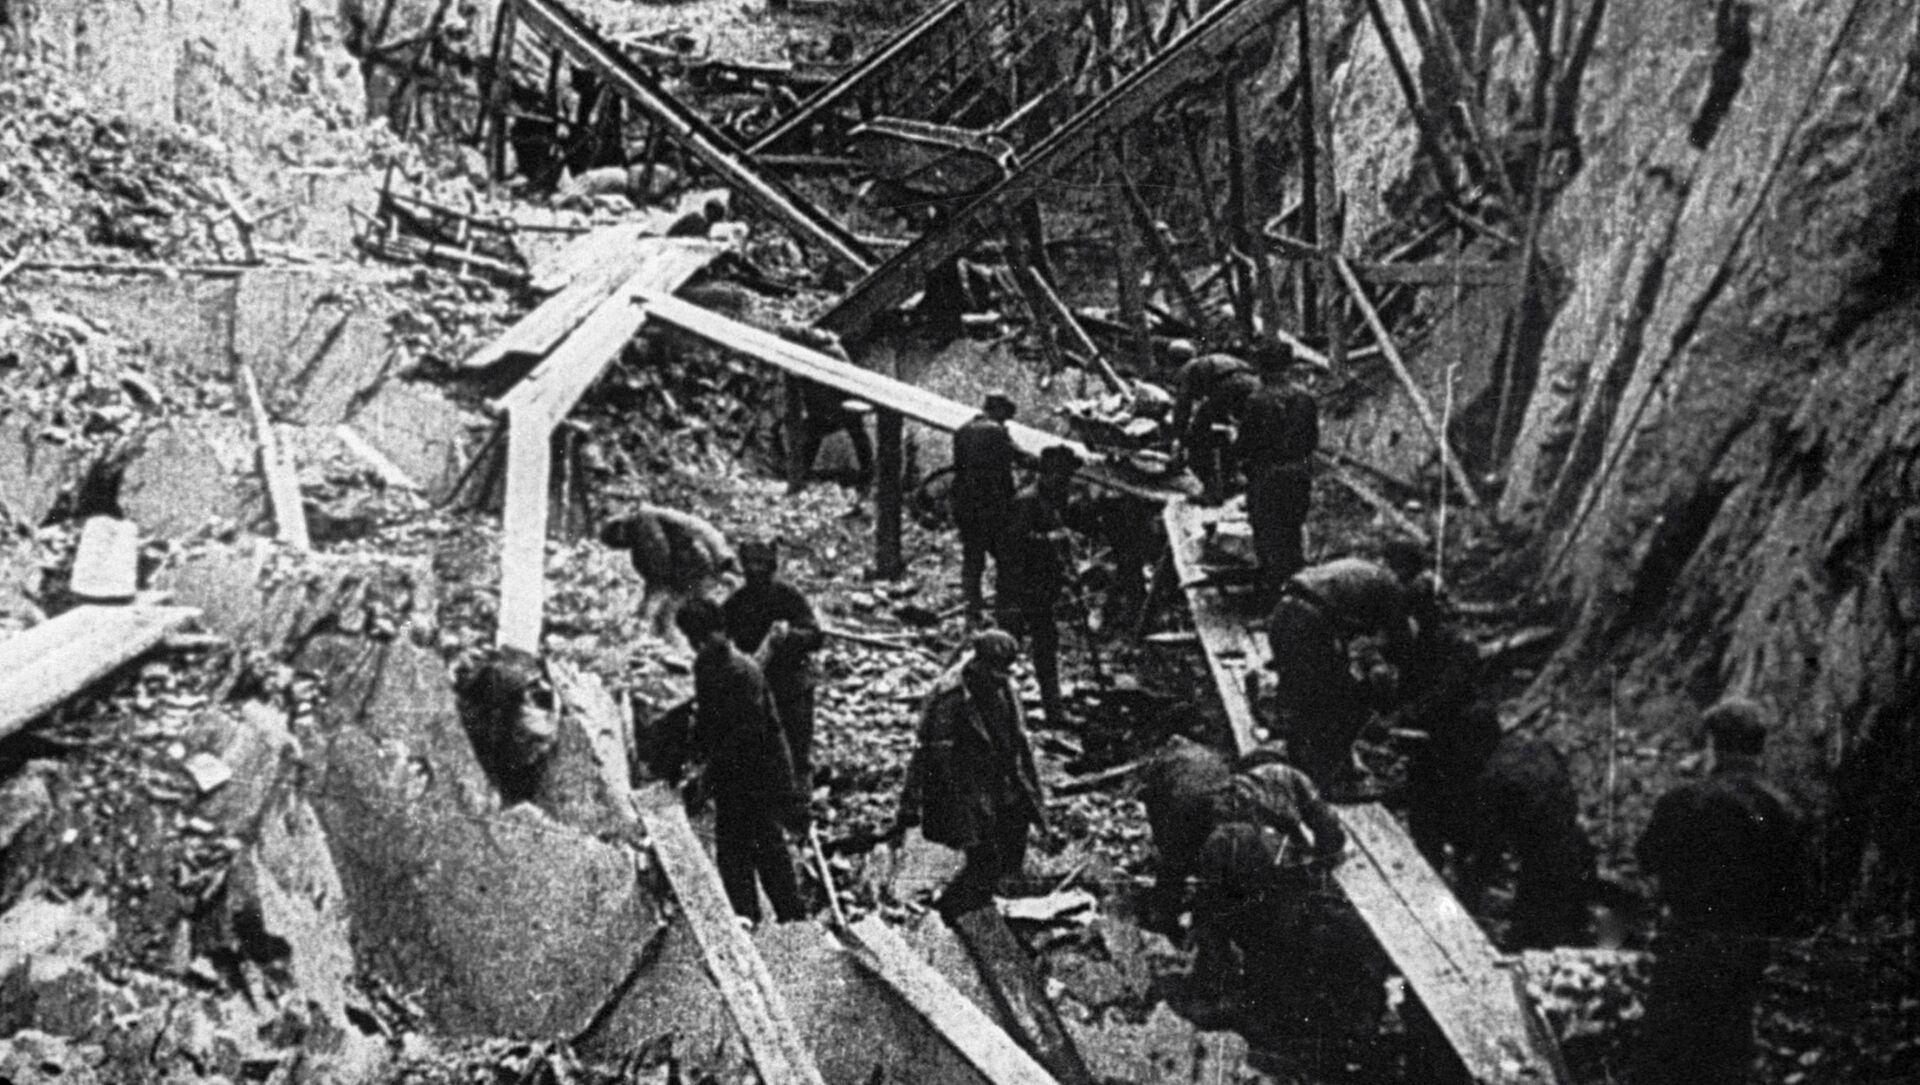 Изградња Беломоро-Балтијског канала 1931. године на којој су радили, углавном, затвореници гулага. - Sputnik Србија, 1920, 01.02.2021